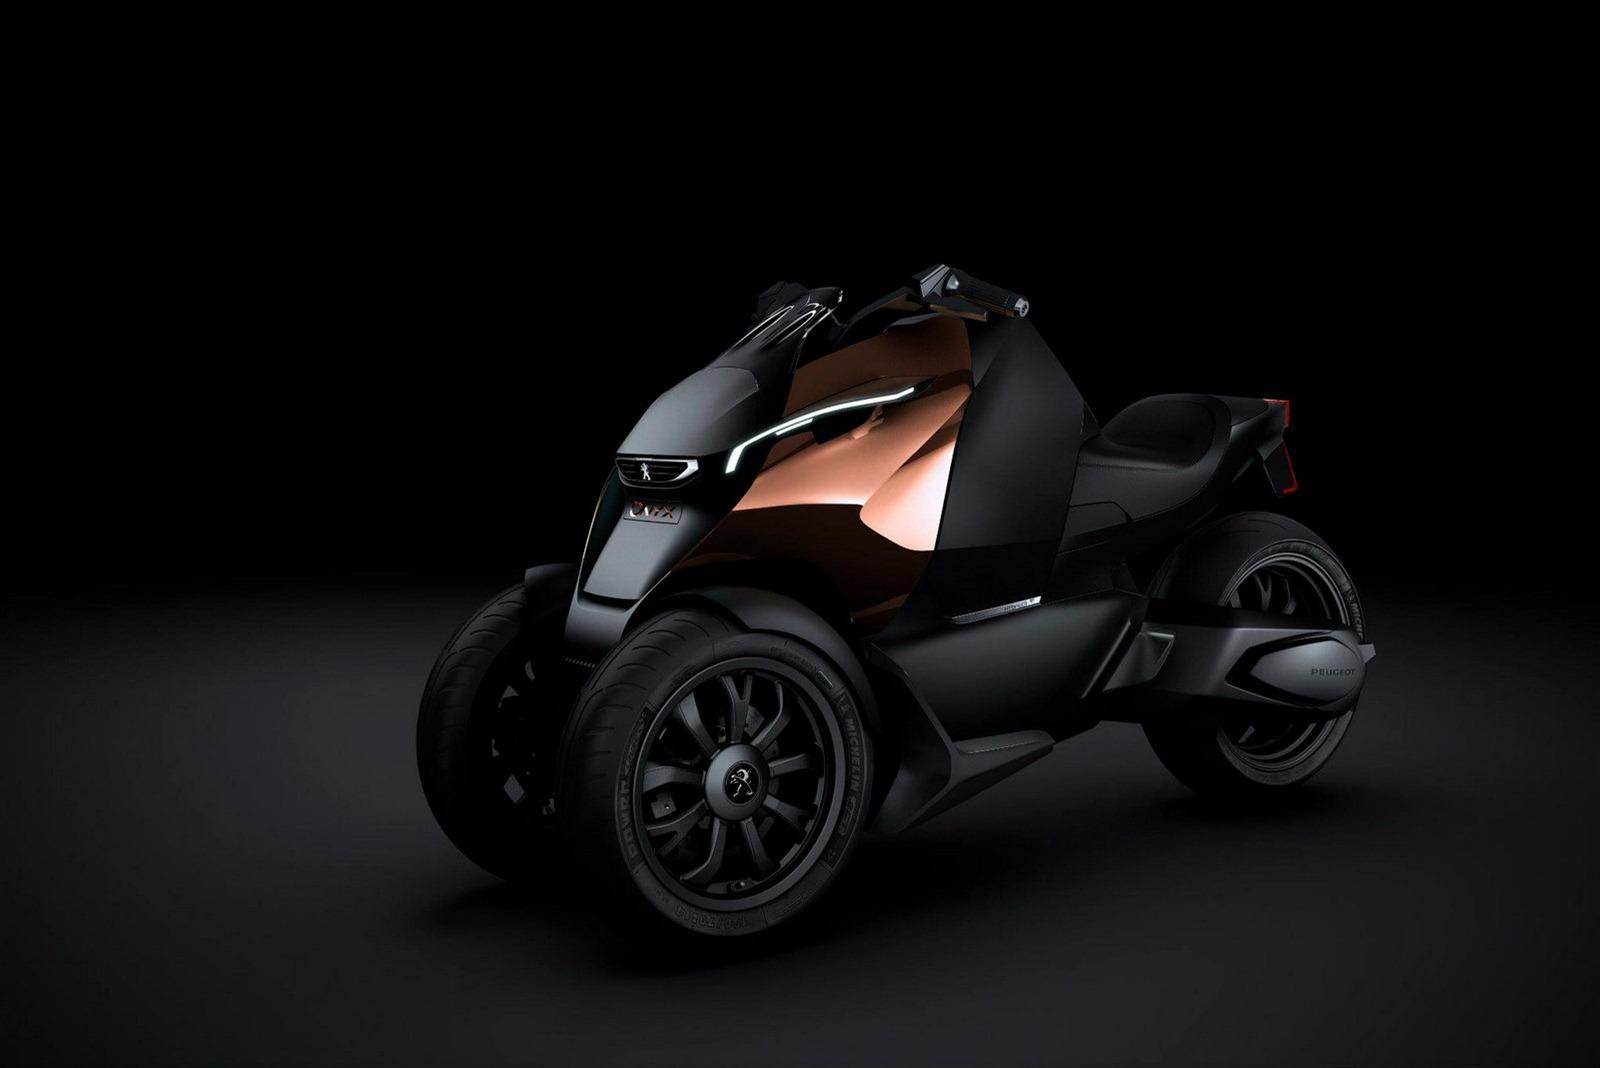 kymco cv3 - Le Kymco CV3 pour bientôt ? S0-Mondial-de-Paris-Peugeot-nous-surprend-avec-l-Onyx-a-3-roues-81199